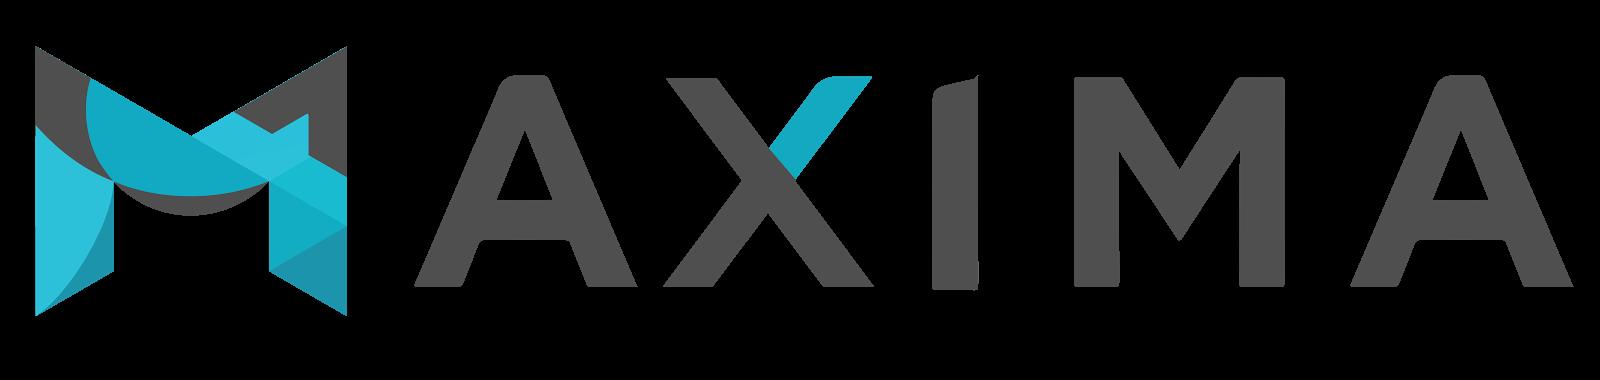 Maxima Indonesia